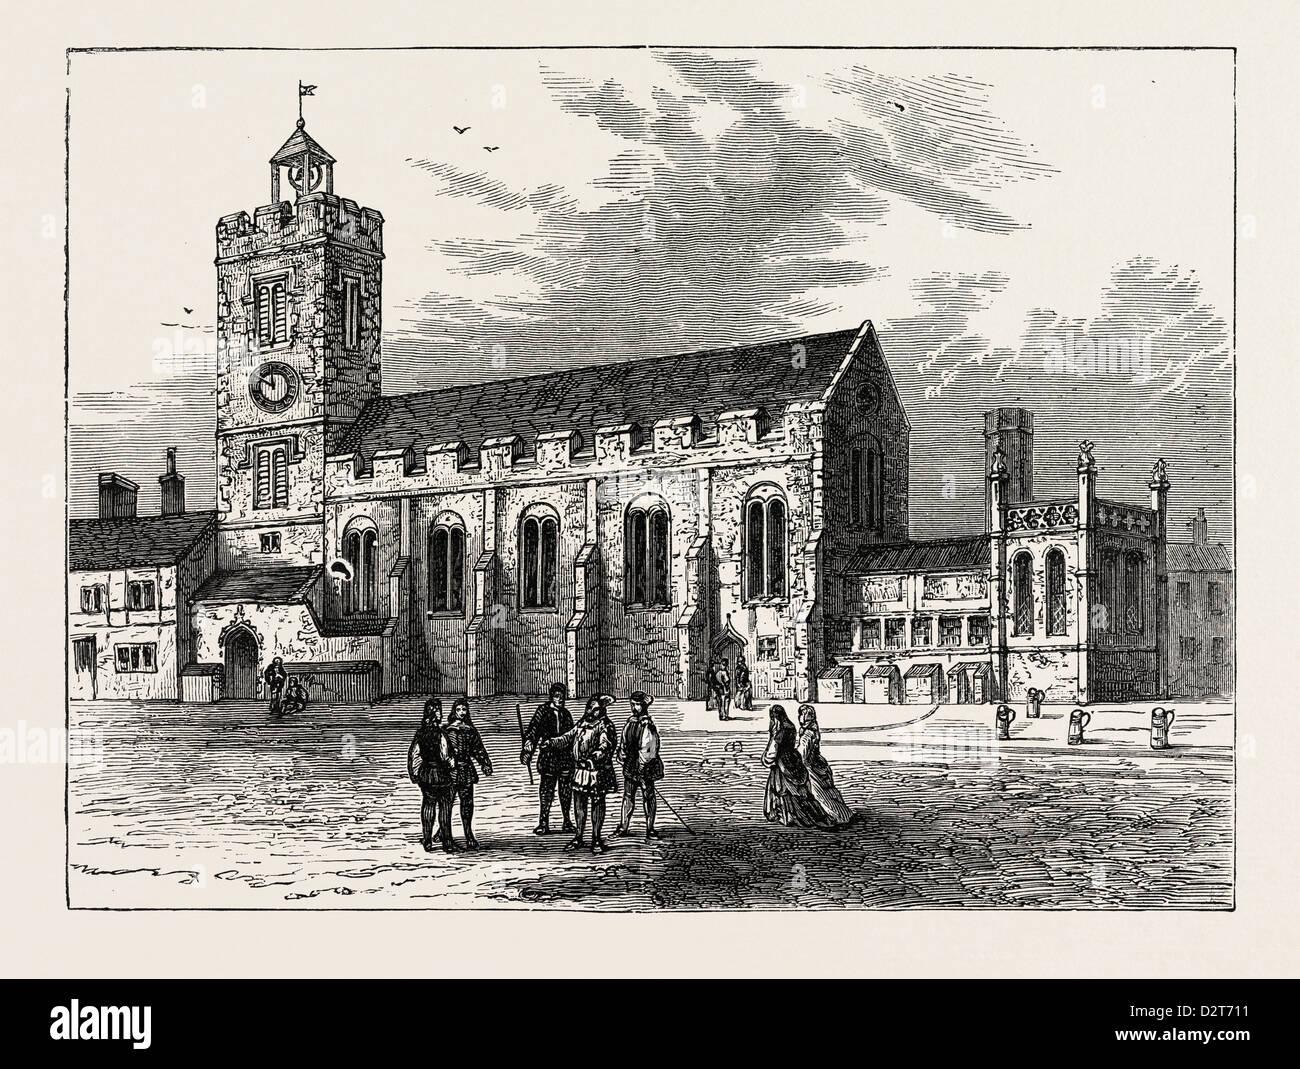 L'ÉGLISE DE ST. MICHAEL ANNONCE BLADUM A.D. 1585 LONDRES Photo Stock